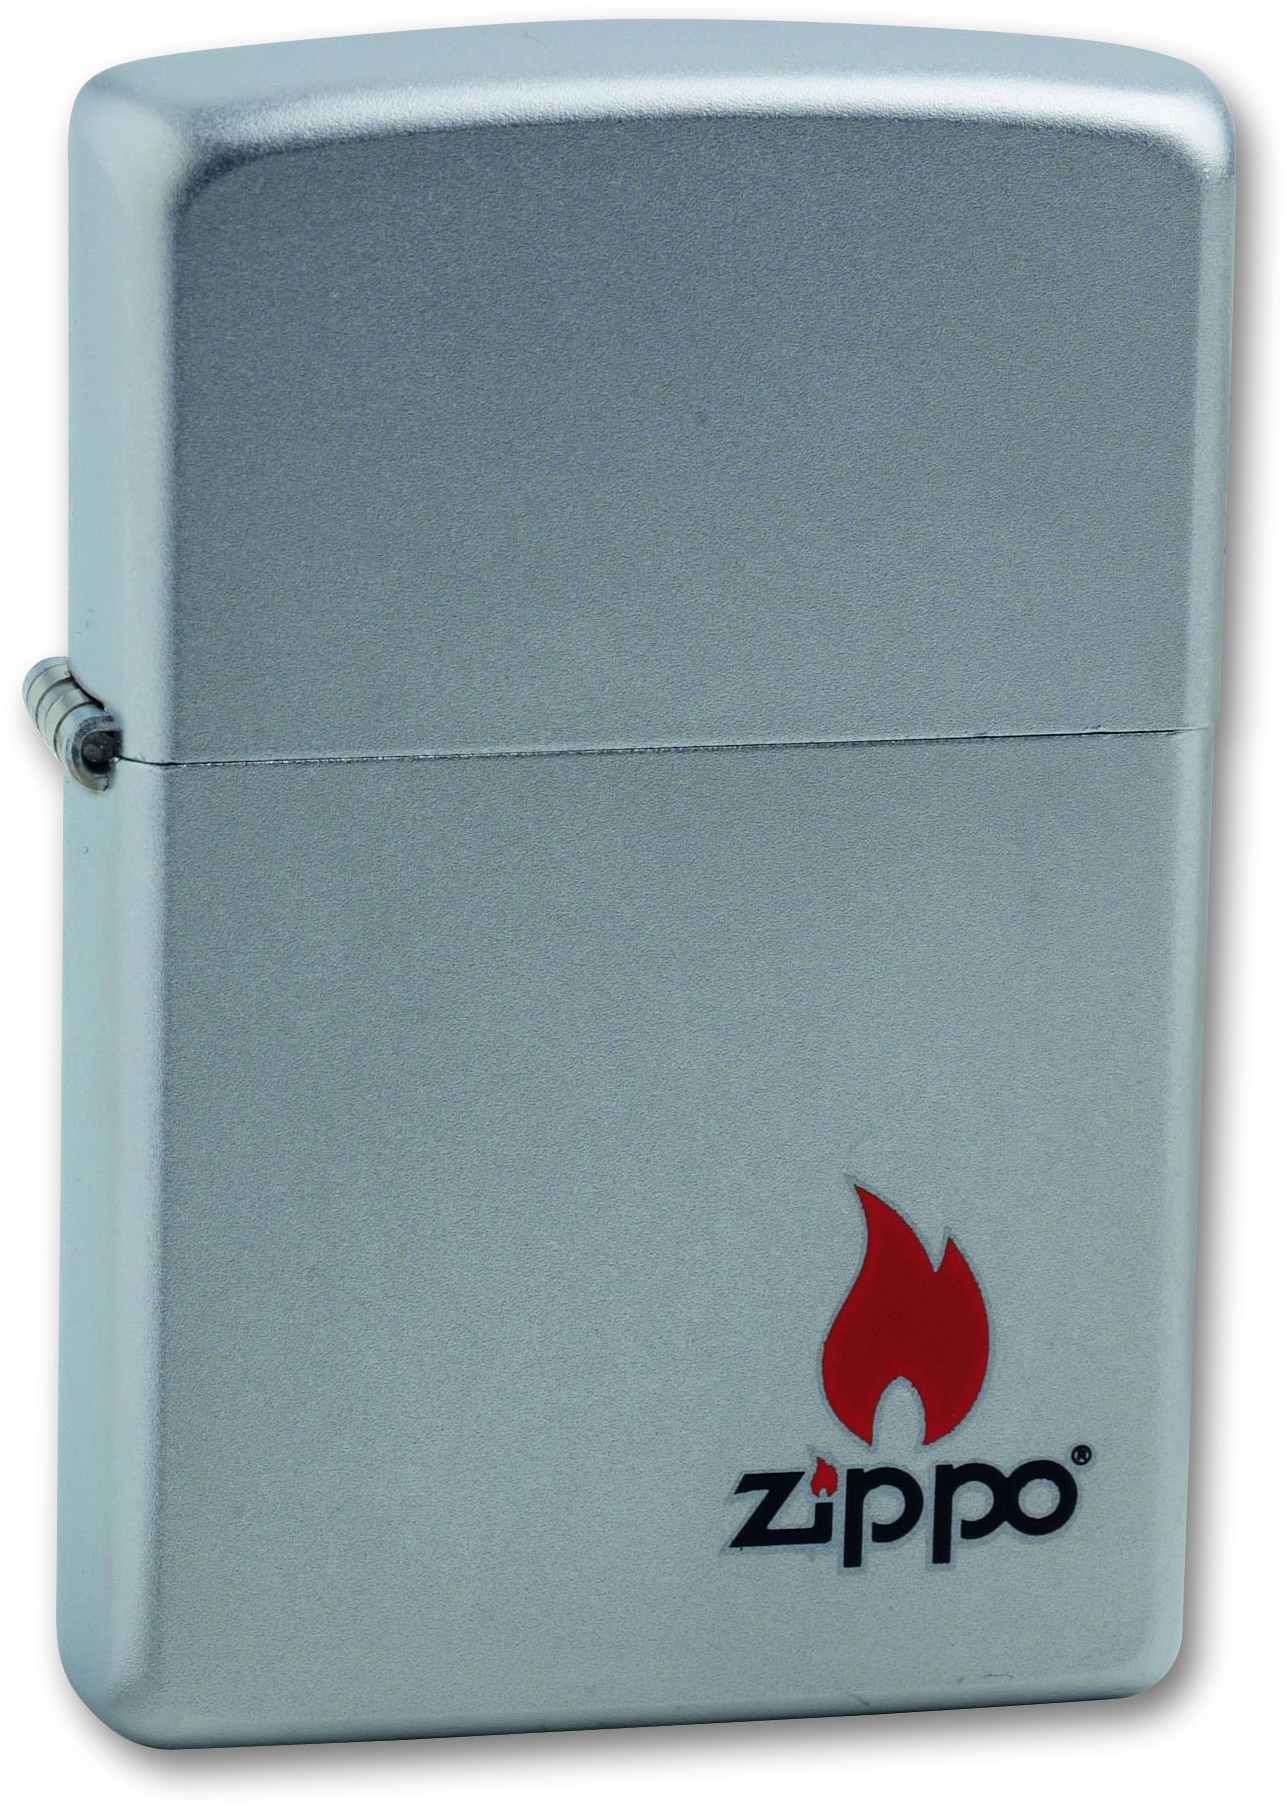 Зажигалка ZIPPO Classic Satin Chrome™ с изображением пламени и логотип Zippo ZP-205 ZIPPO